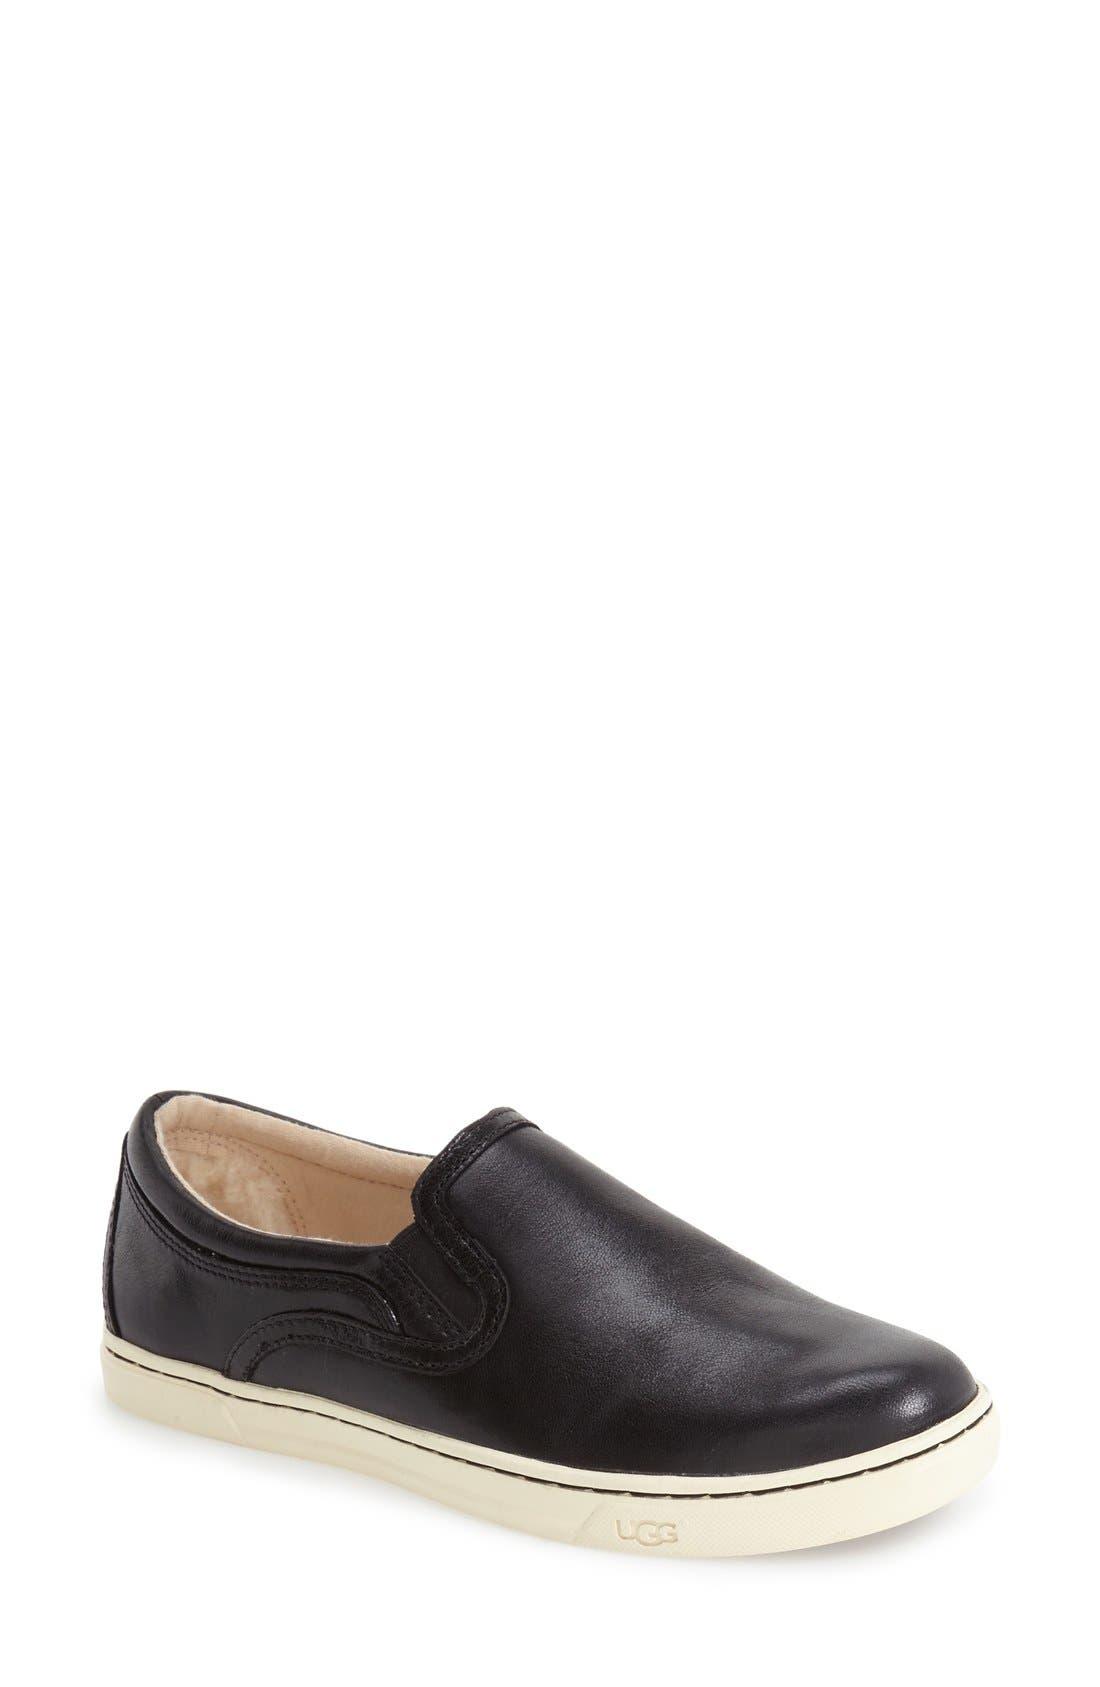 Main Image - UGG® Fierce Sneaker (Women)